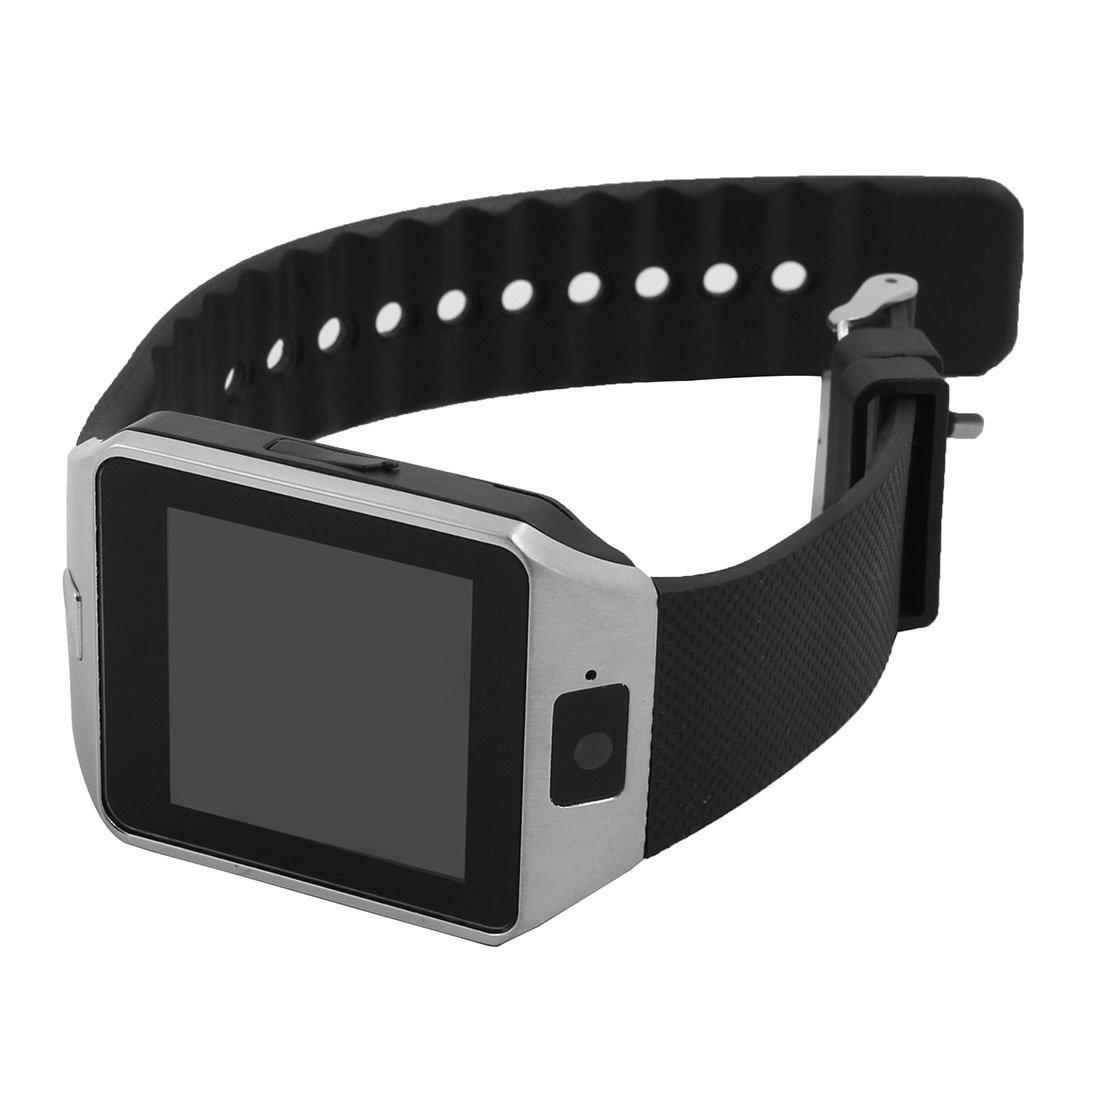 Amazon.com: eDealMax Lost-Anti Deporte DZ09 podómetro de la cámara de la tarjeta SIM jugador inteligente Reloj MP3 tono de Plata Para iOS teléfono Android: ...